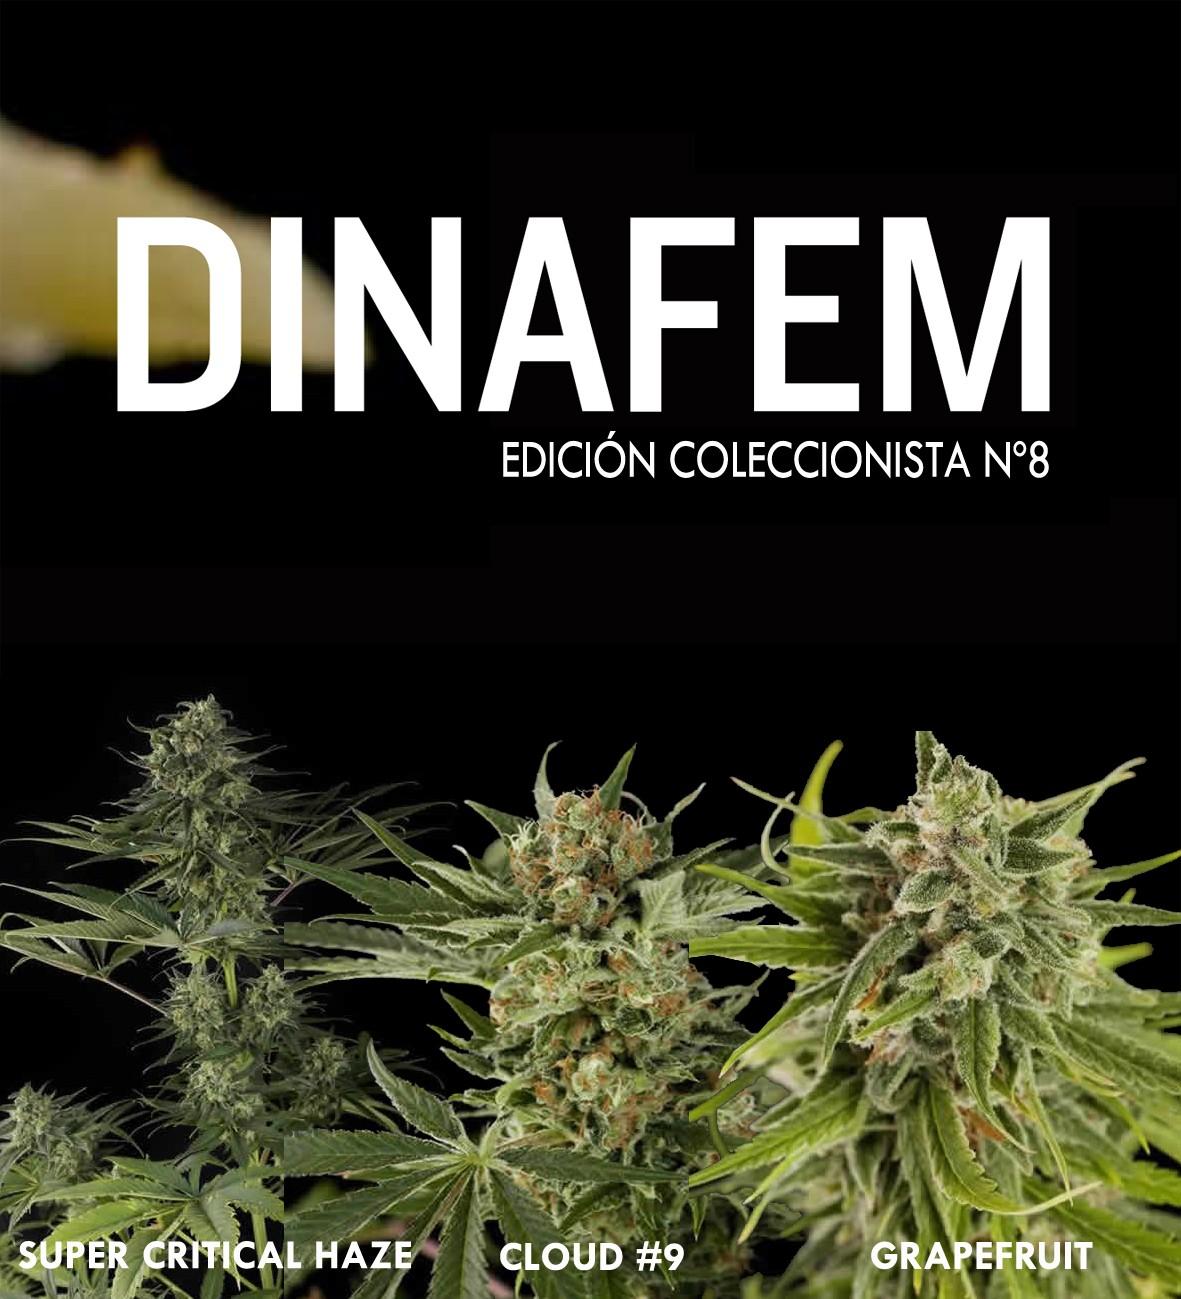 Dinafem collector # 8 6 graines